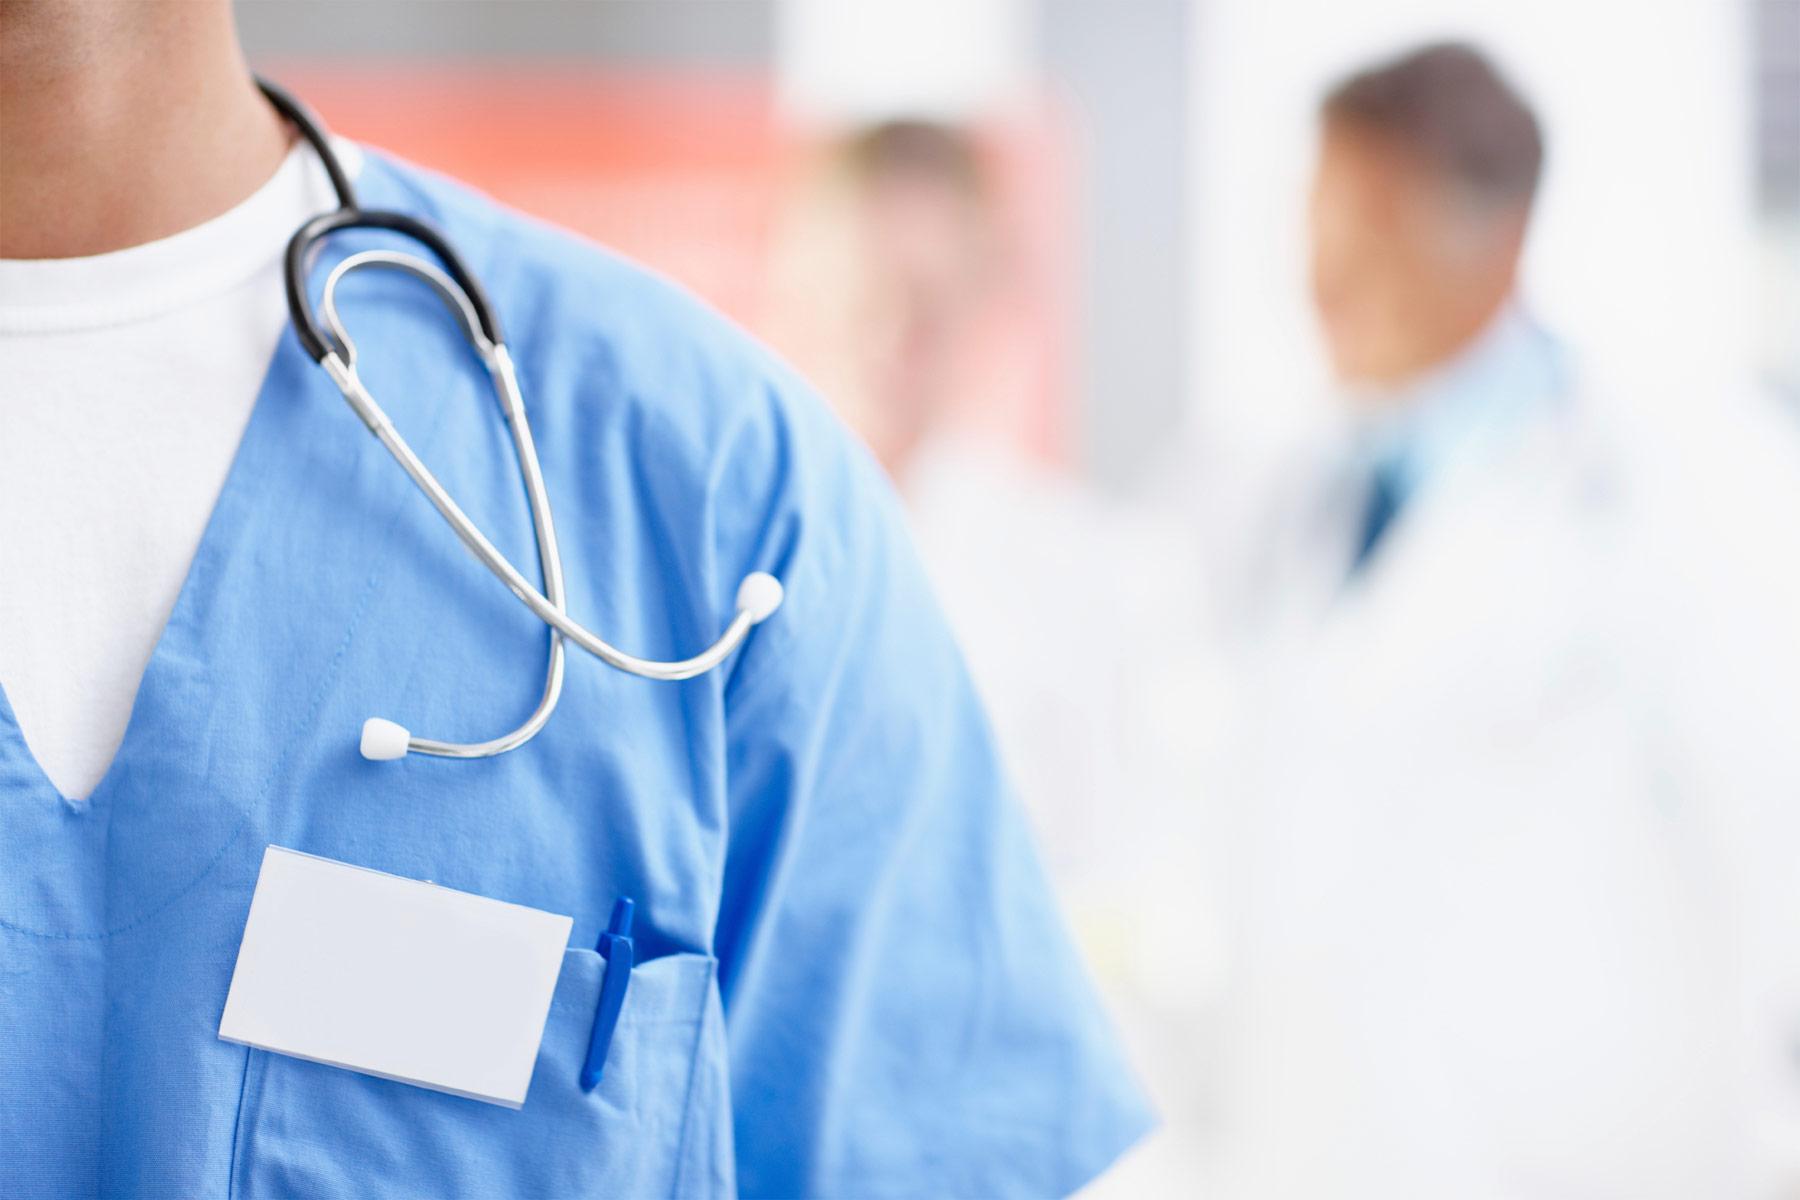 EUA bate recorde de DST - doenças / infecções sexualmente transmissíveis